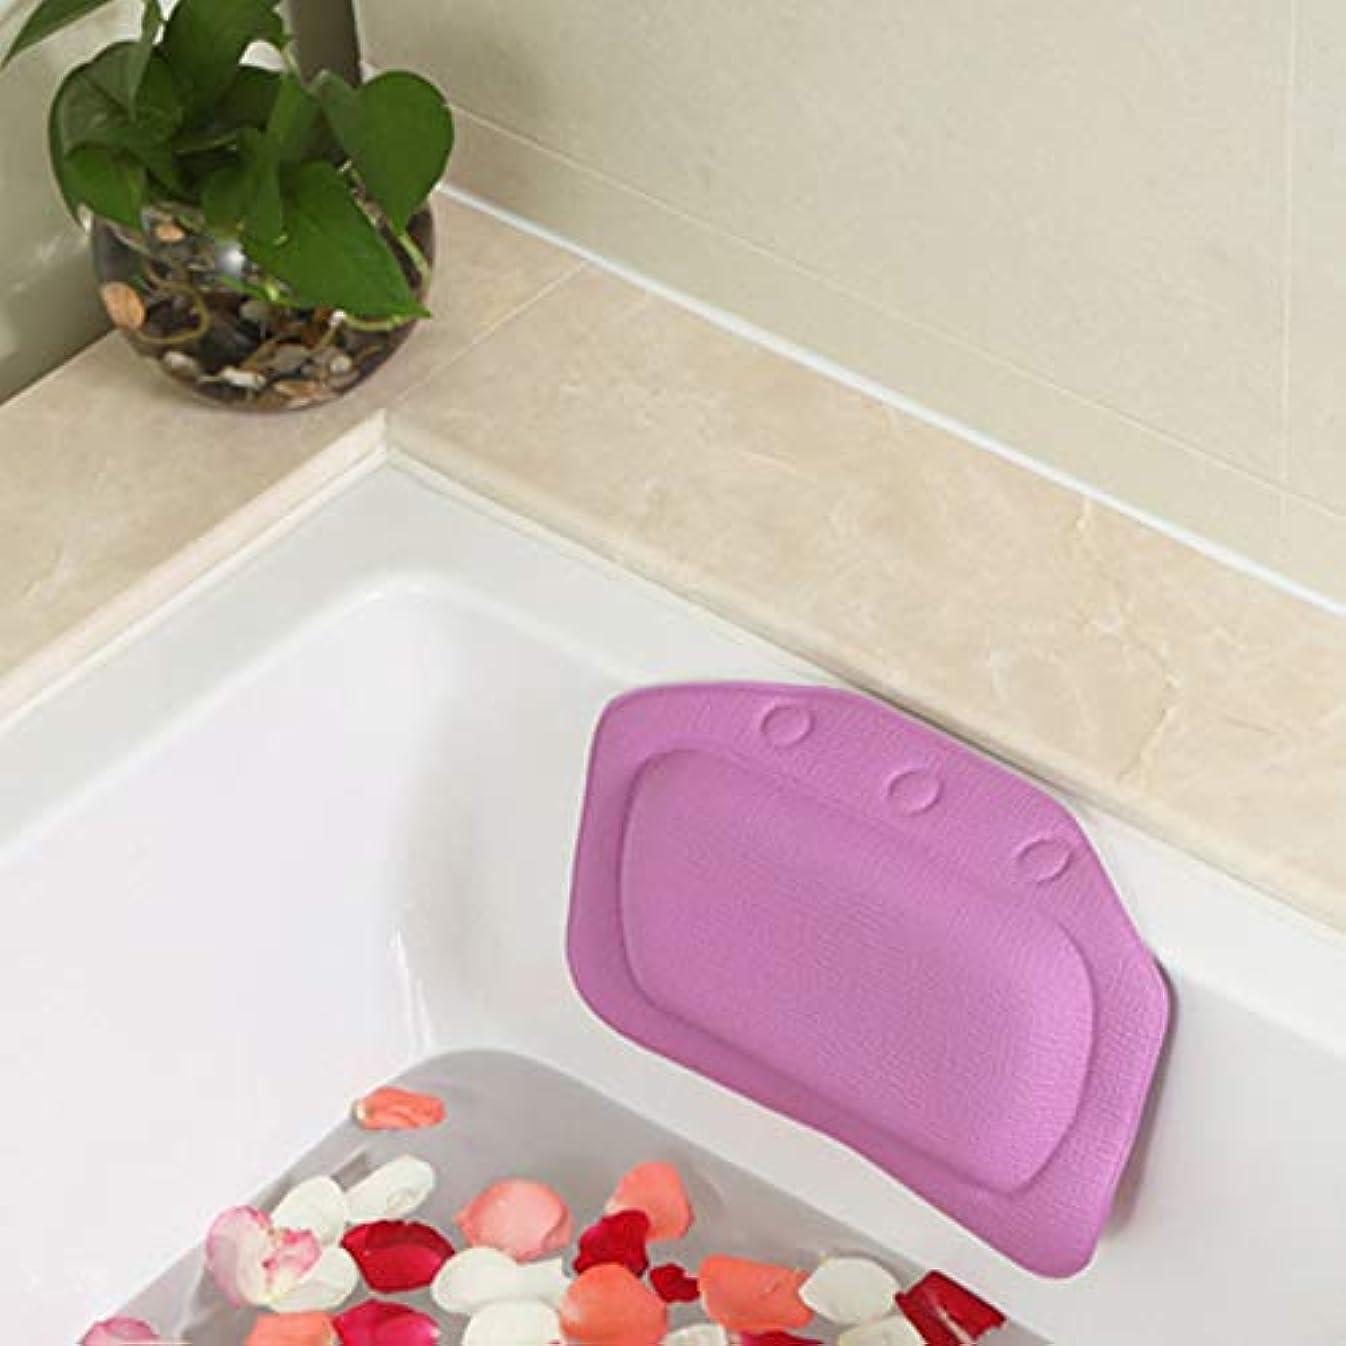 ぶどう竜巻起点柔らかいpvc発泡スポンジ風呂枕防水ヘッドレストクッション付き浴室シャワー浴槽リラックスアクセサリー,Purple